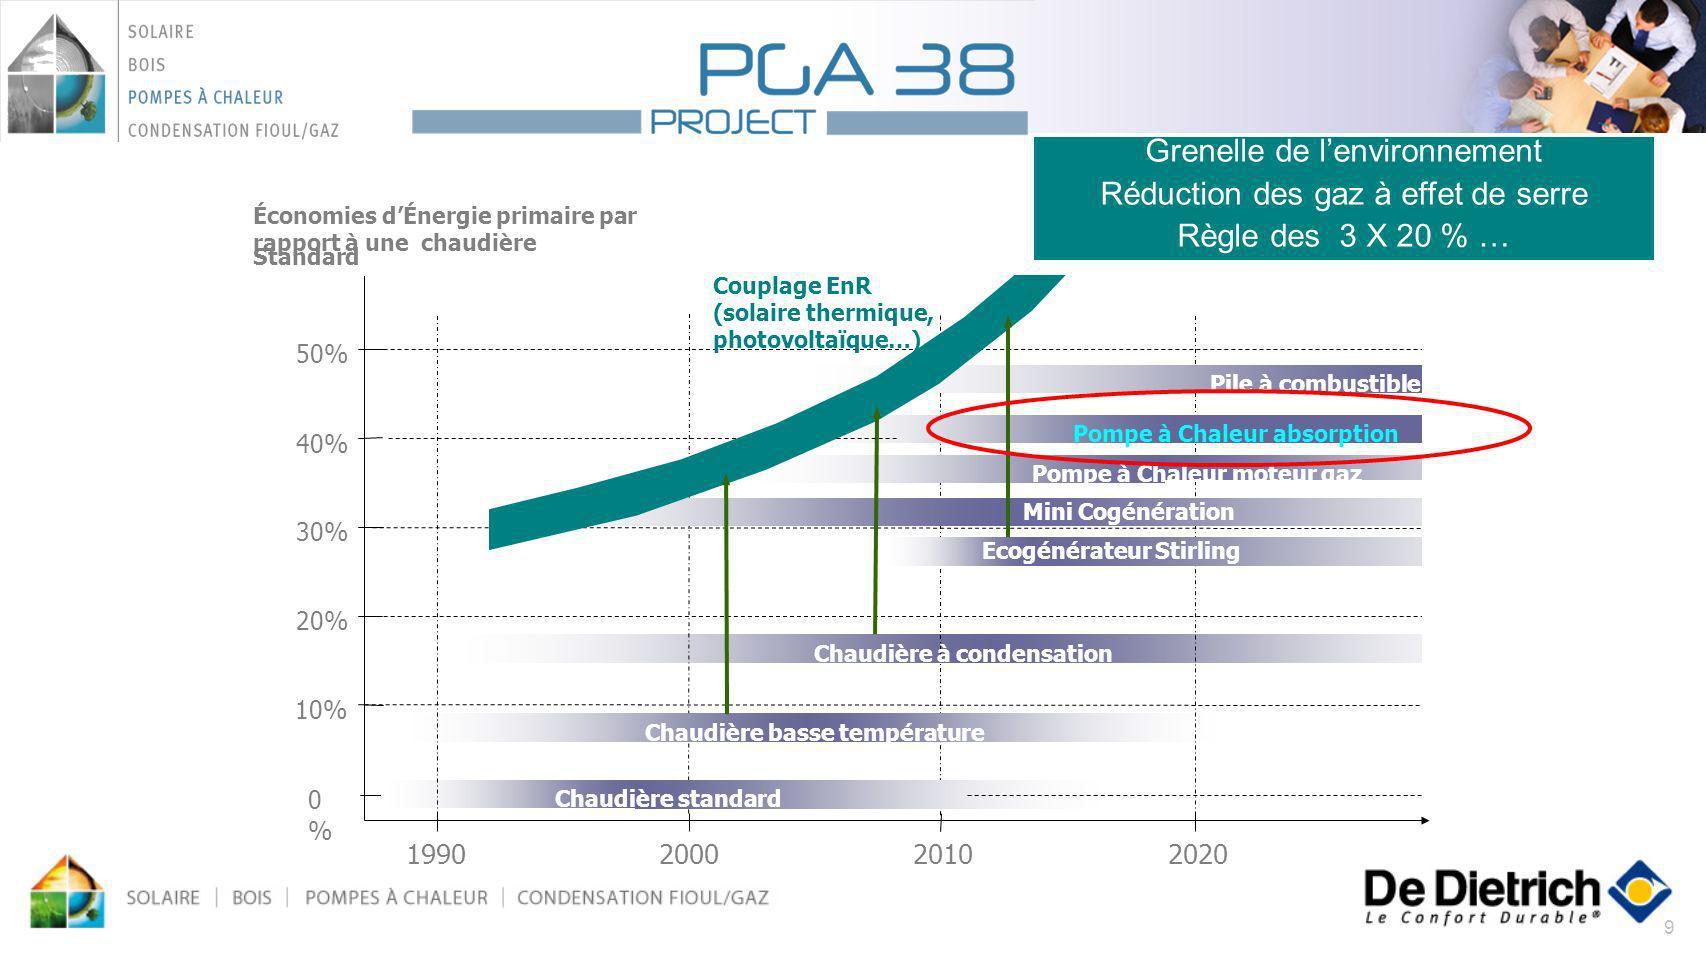 Grenelle de l'environnement Réduction des gaz à effet de serre